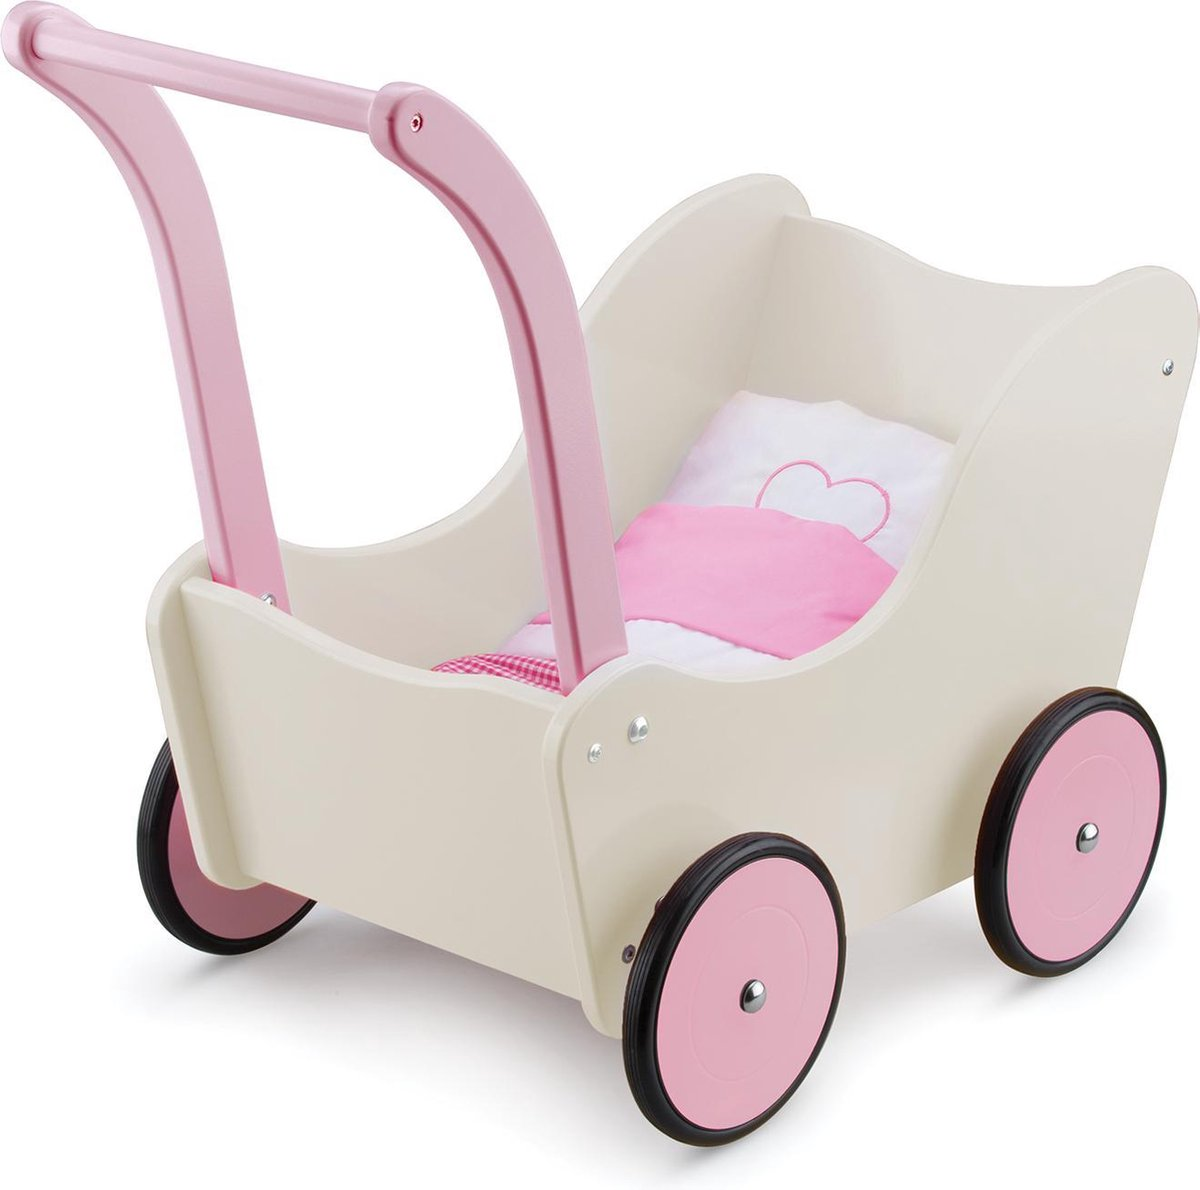 New Classic Toys Houten Poppenwagen met Beddengoed - Cr me